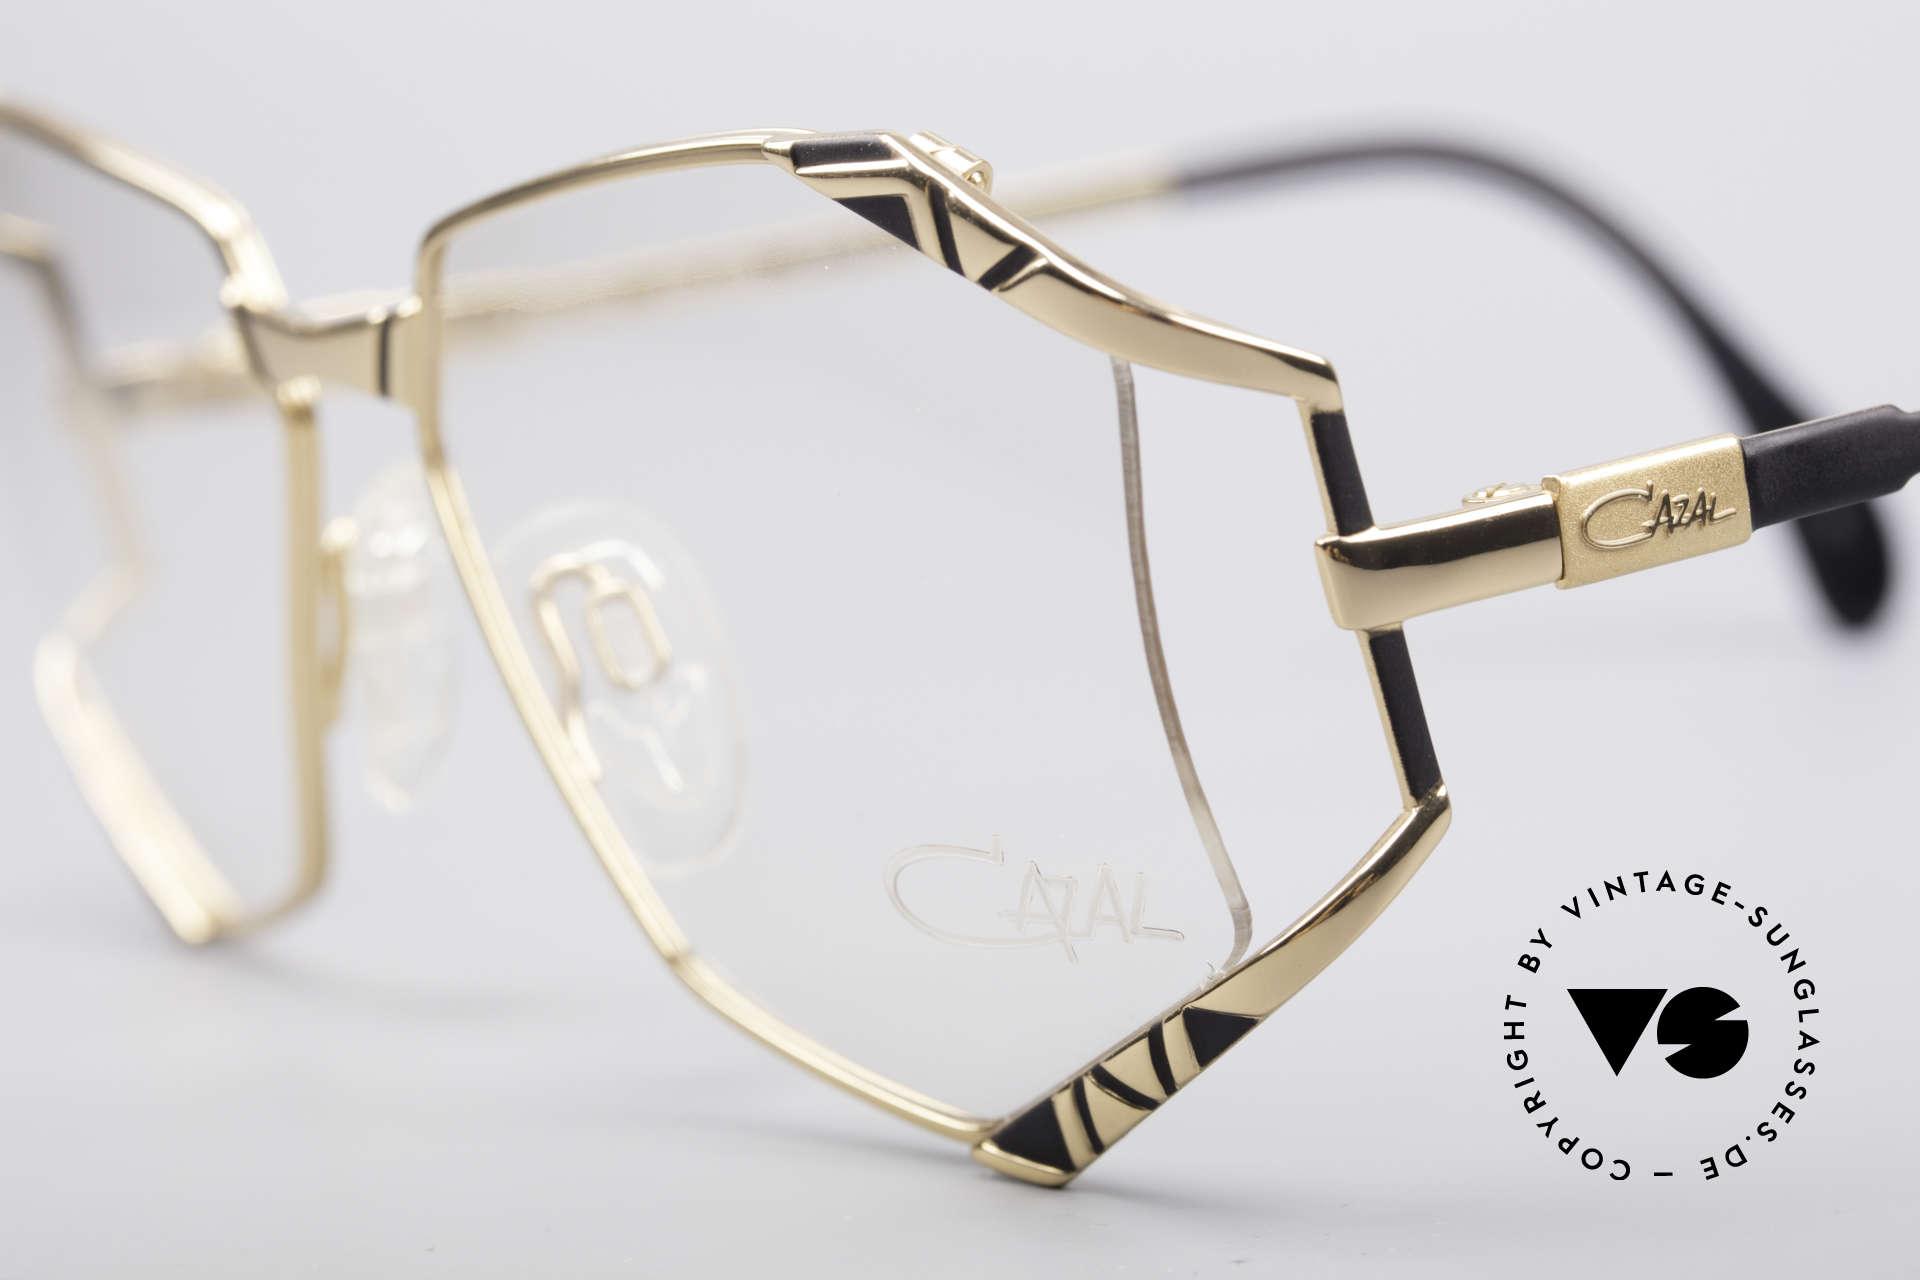 Cazal 245 90er Designer Damenbrille, ungetragen (wie alle unsere vintage Cazal Brillen), Passend für Damen